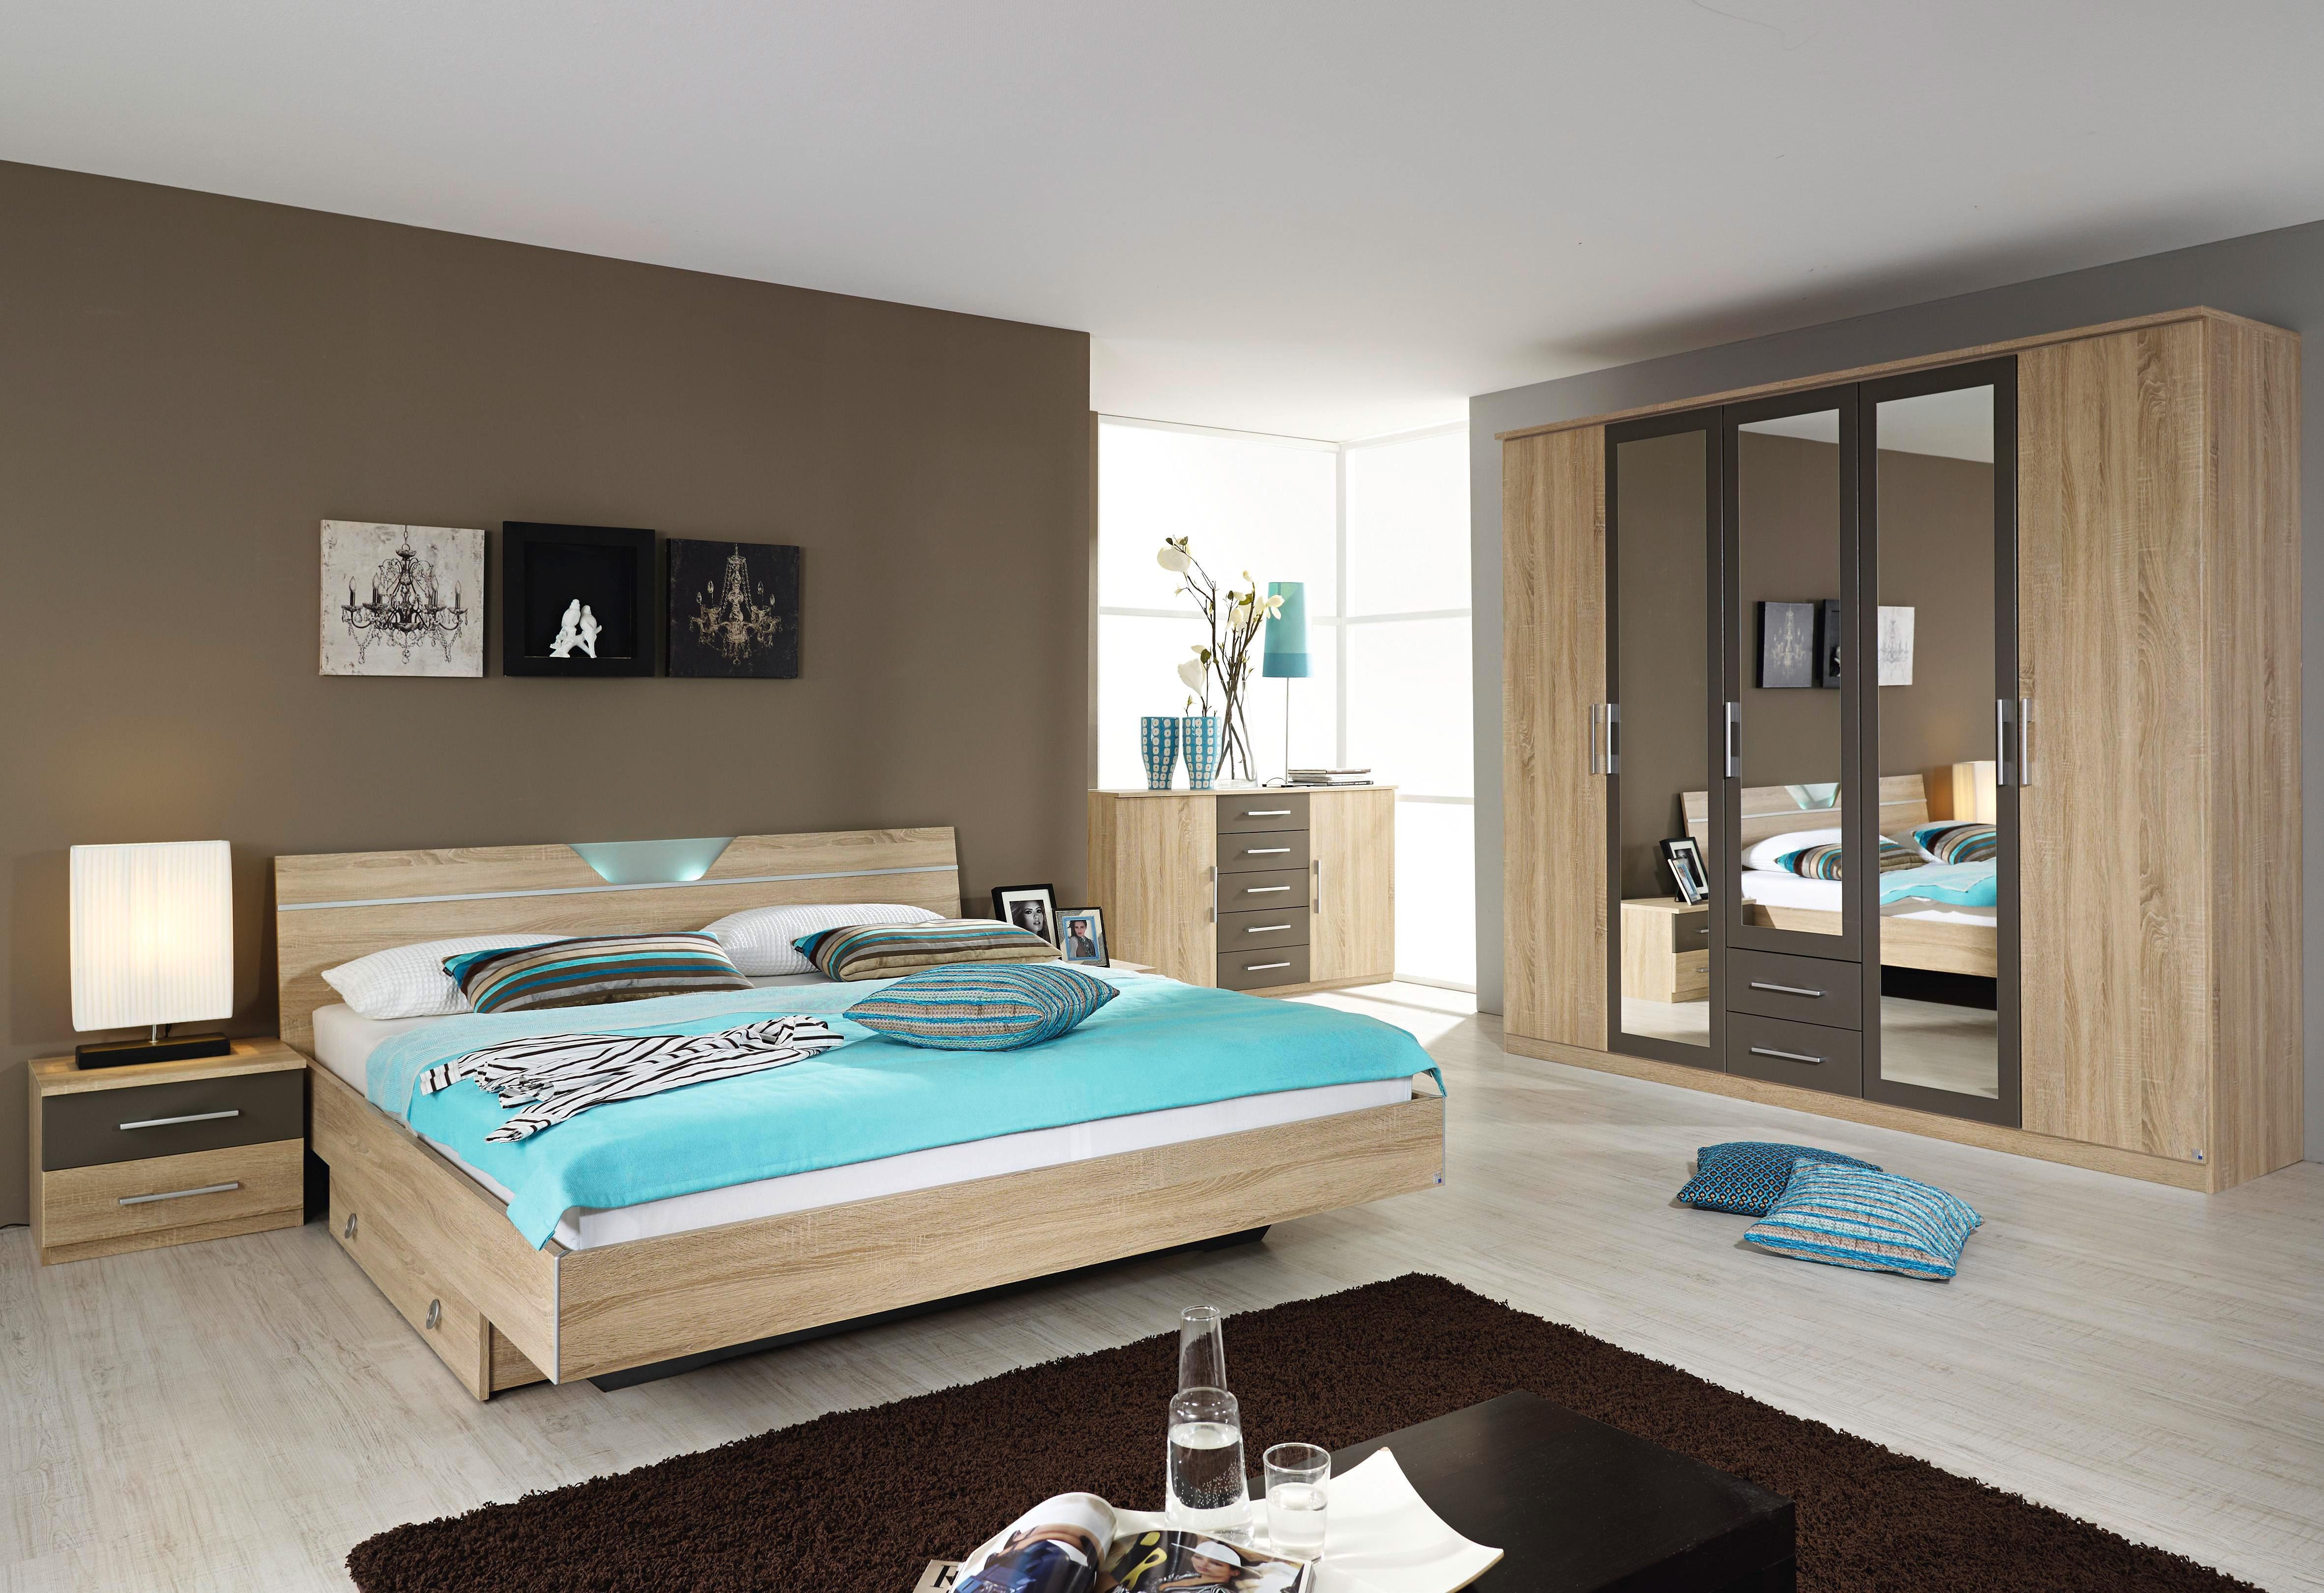 rauch Schlafzimmer-Set »Valence« (Set, 4-tlg) bestellen | BAUR